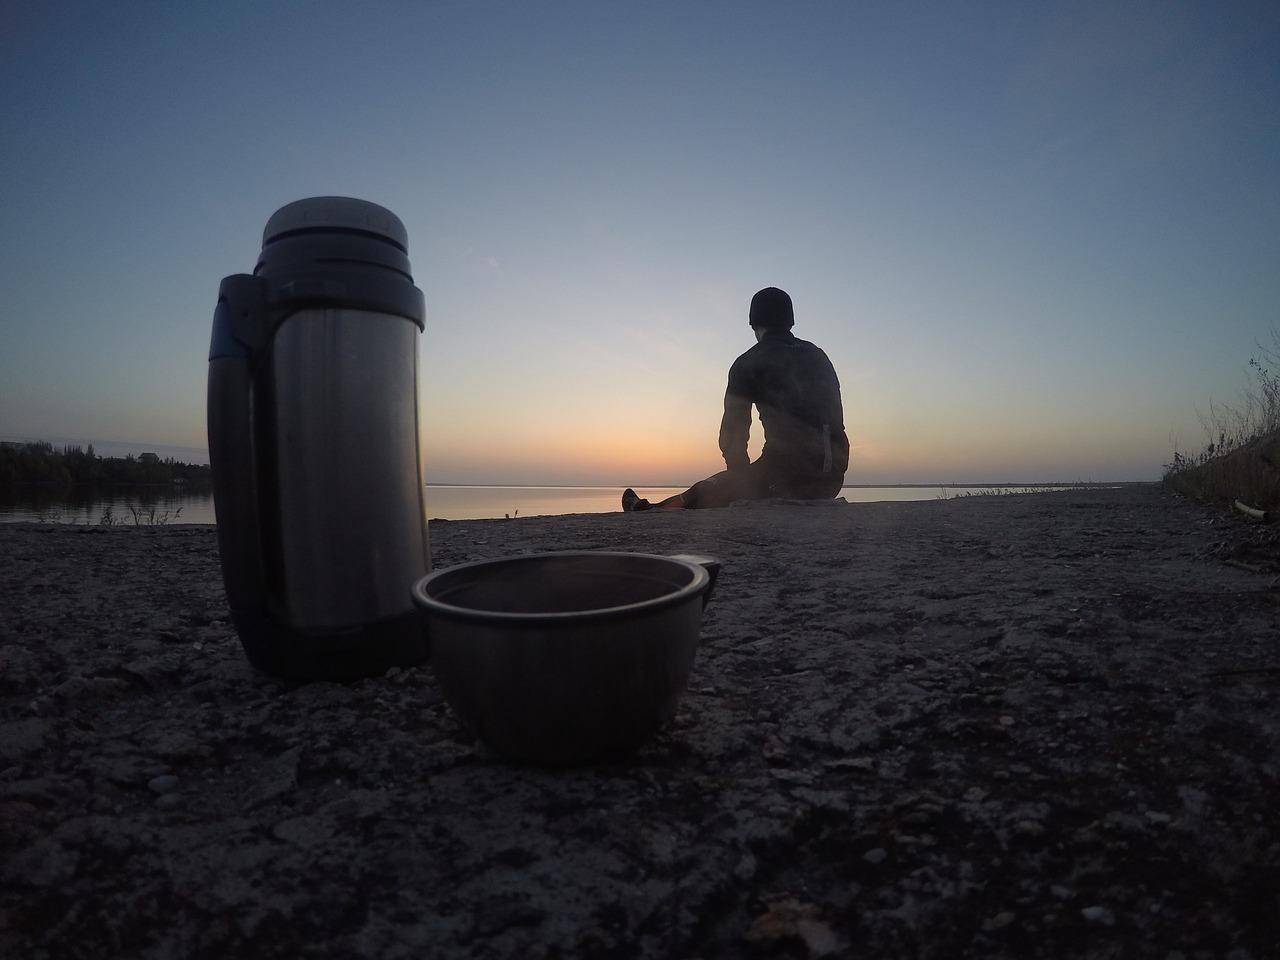 Menej kávy a viacej čaju